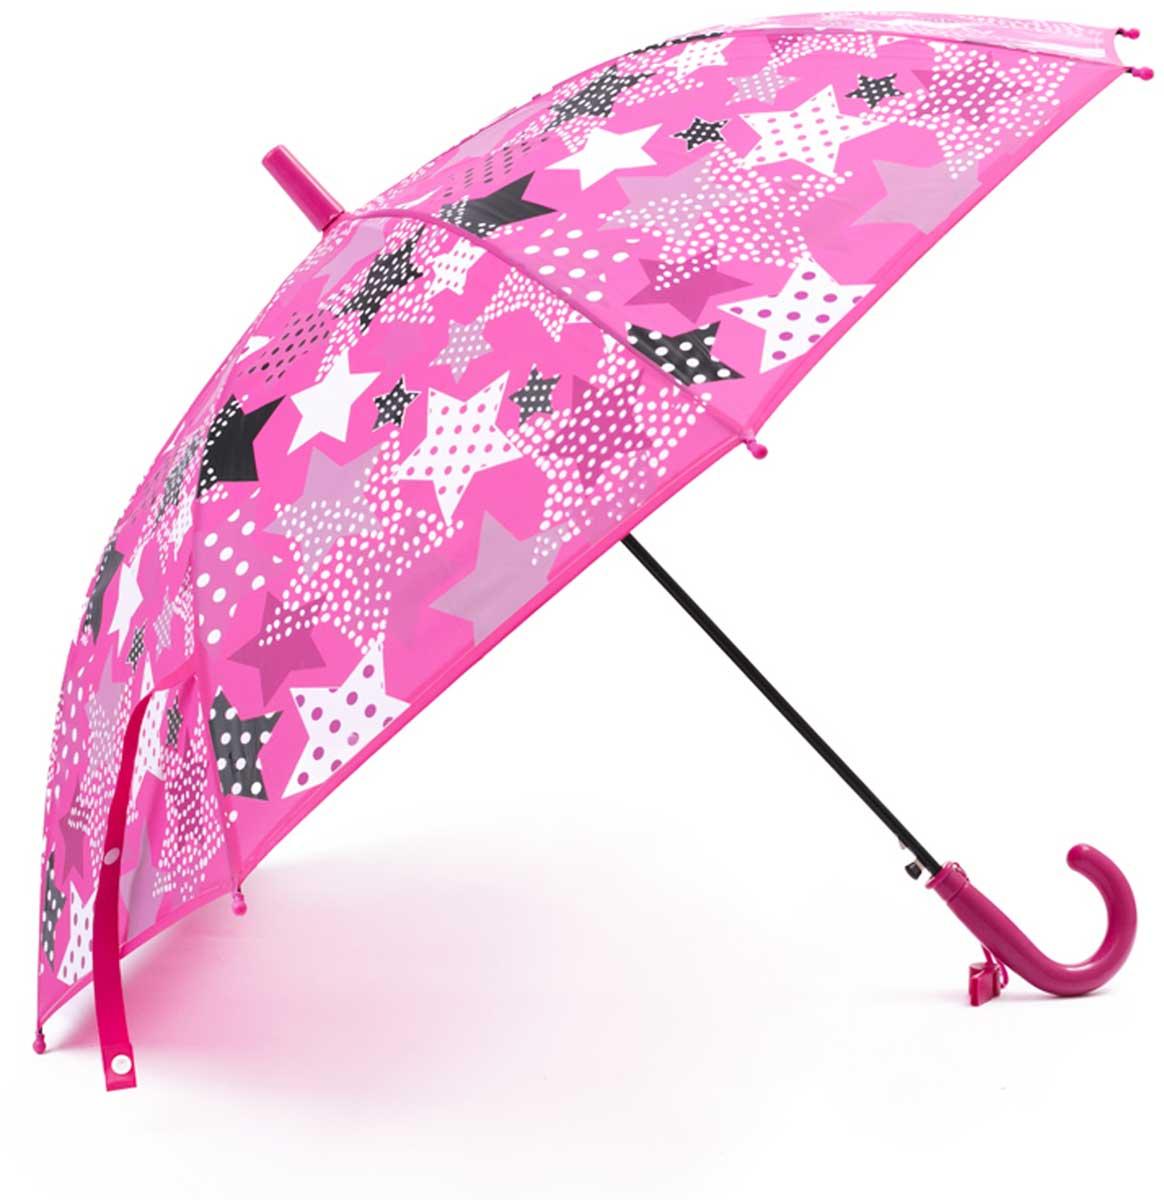 Зонт для девочки PlayToday, цвет: розовый, светло-розовый, белый, черный. 172702. Размер 48.5172702Этот яркий зонтик обязательно понравится Вашему ребенку! Оснащен специальной безопасной системой открывания и закрывания. Материал каркаса ветроустойчивый. Концы спиц снабжены пластмассовыми наконечниками для защиты от травм. Такой зонт идеально подойдет для прогулок в дождливую погоду. Преимущества: Оснащен специальной безопасной системой открывания и закрывания Концы спиц снабжены пластмассовыми наконечниками для защиты от травм